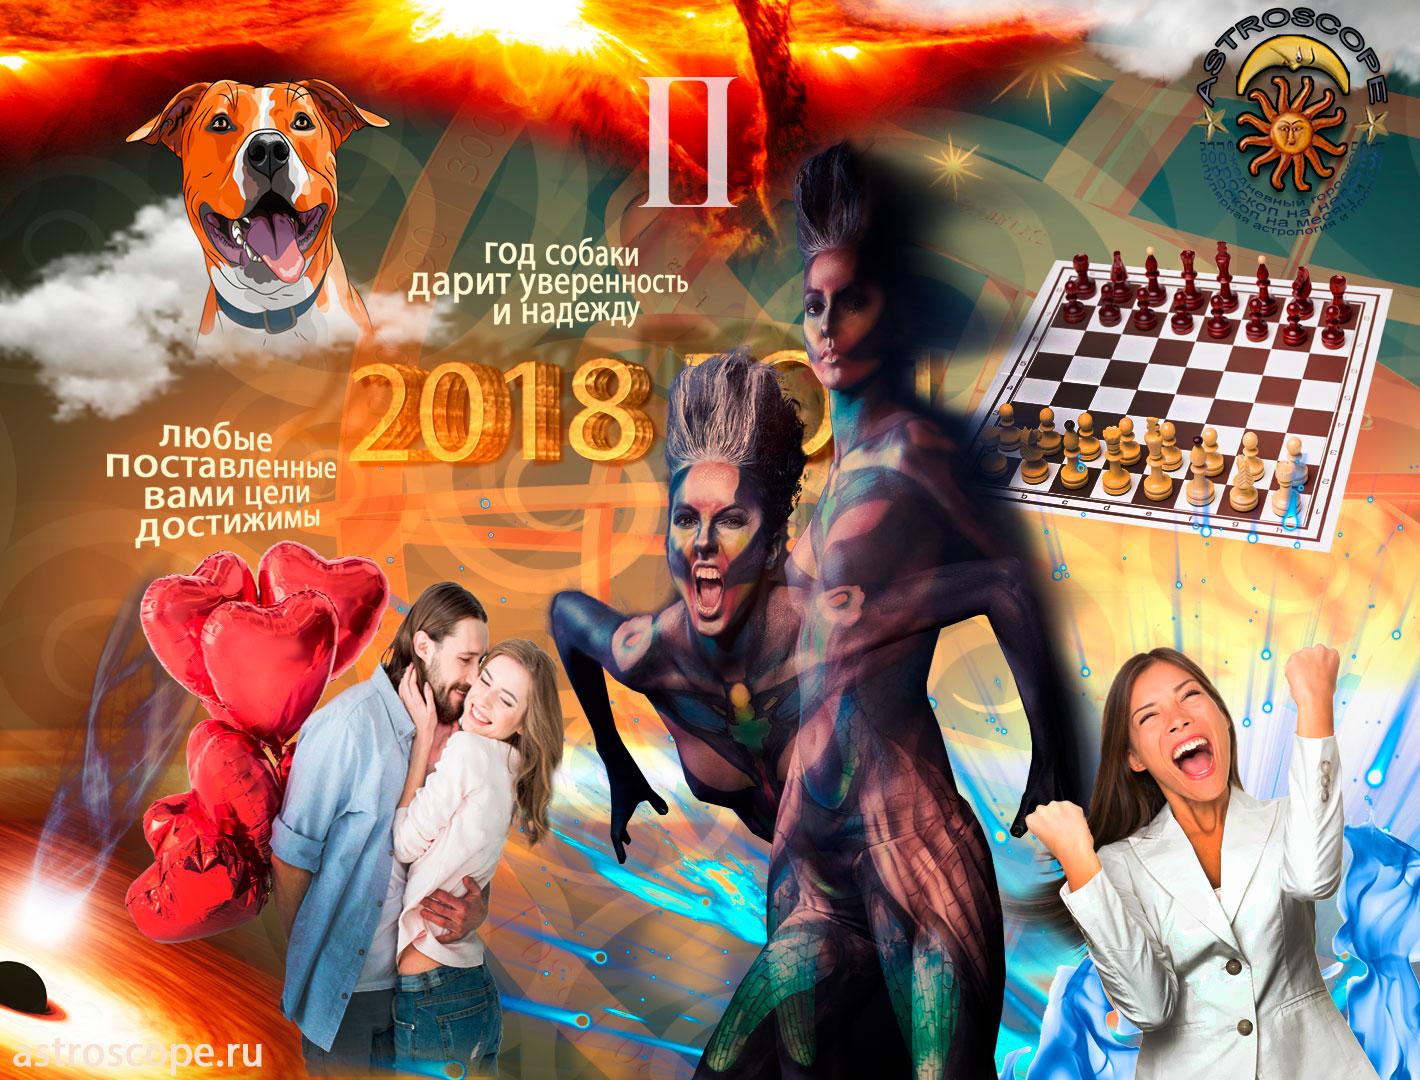 Гороскоп на 2019 год Близнецы, астрологический прогноз на 2019 год для Близнецов